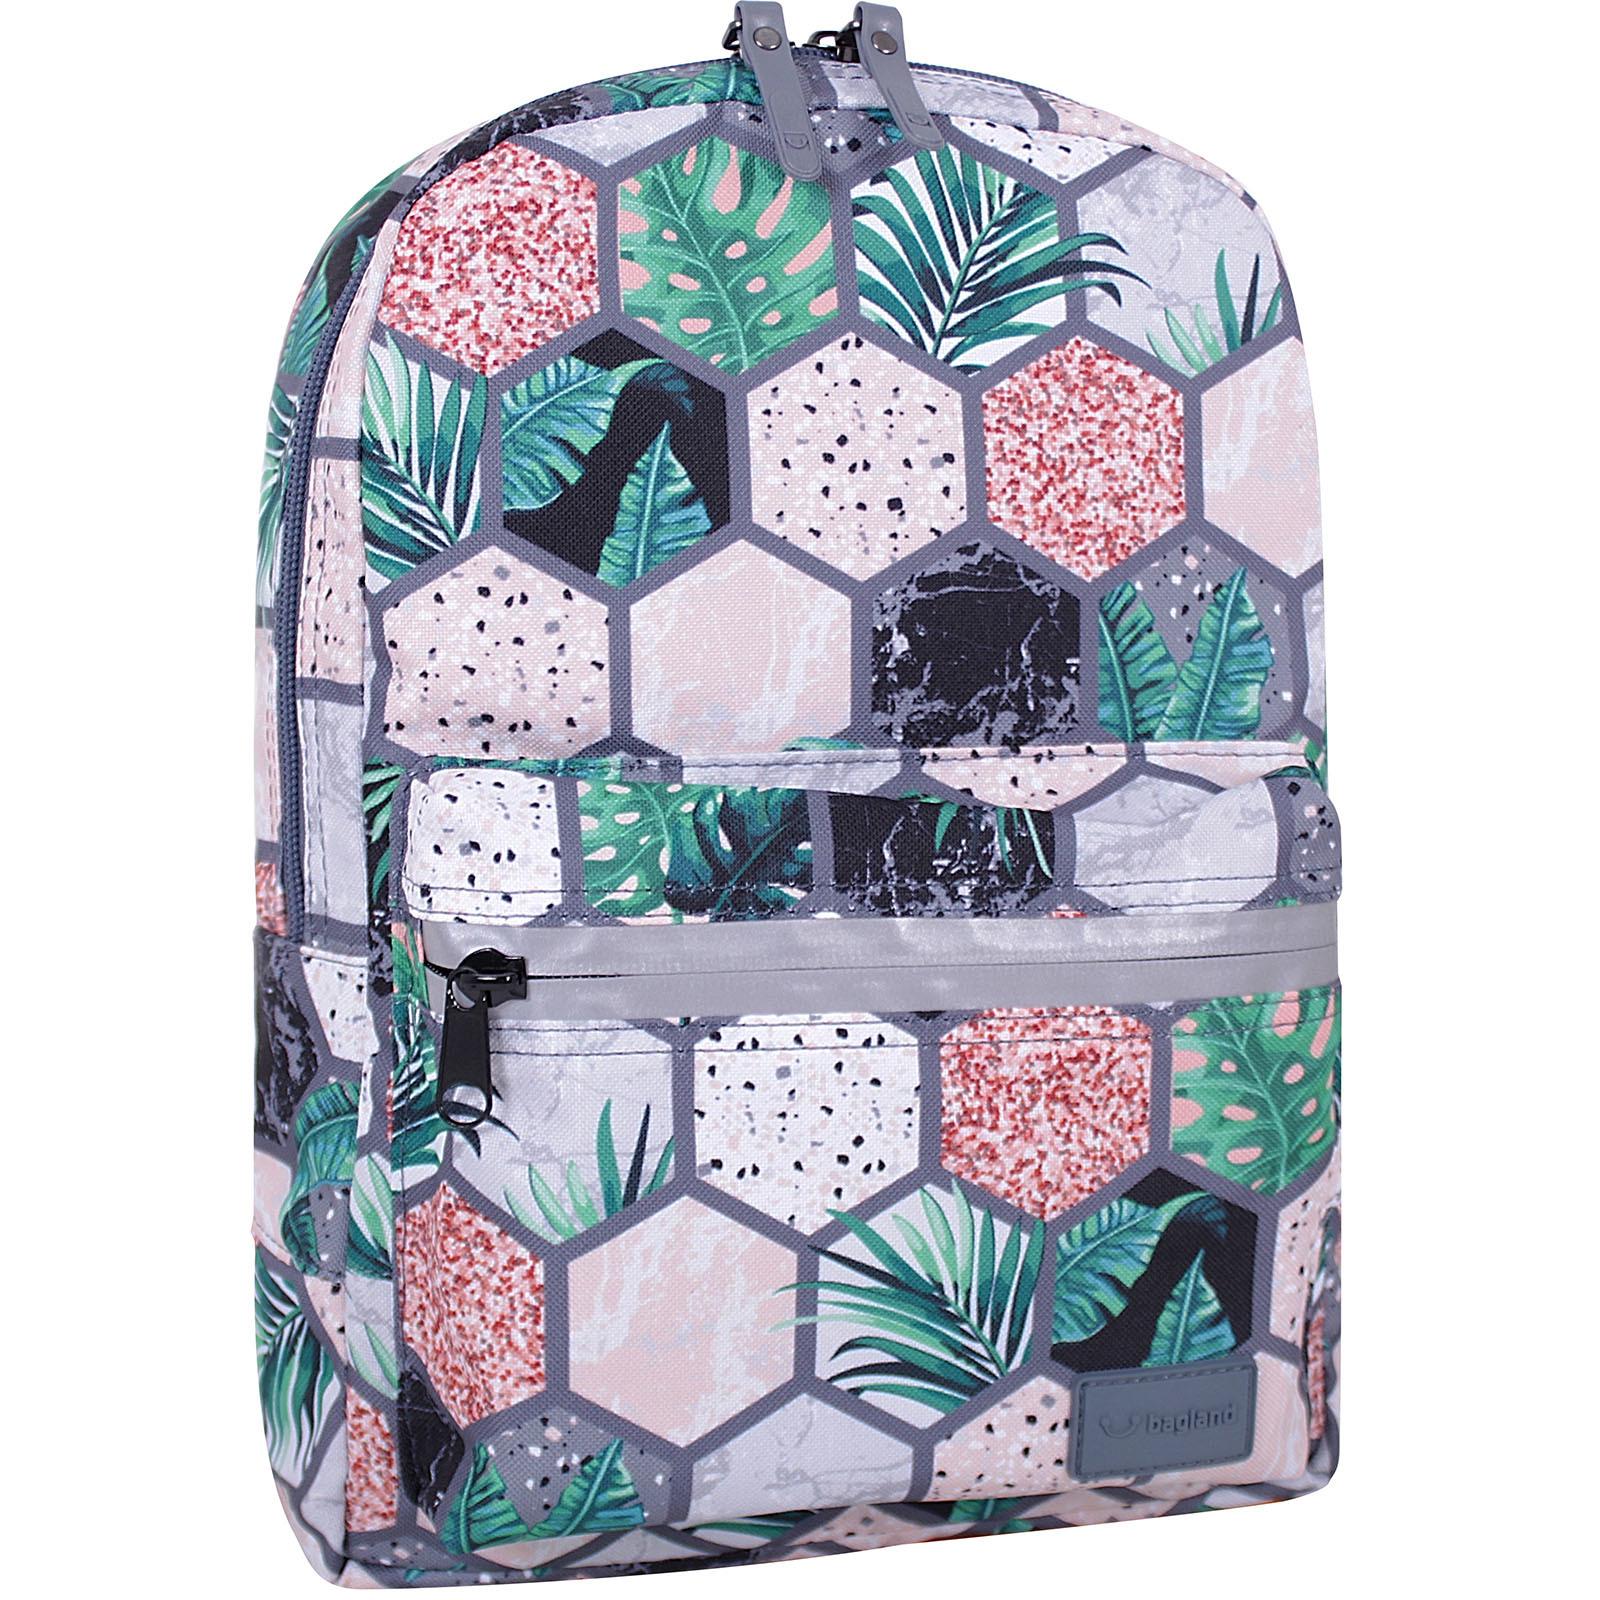 Детские рюкзаки Рюкзак Bagland Молодежный mini 8 л. сублимация 757 (00508664) IMG_1934суб.757.JPG